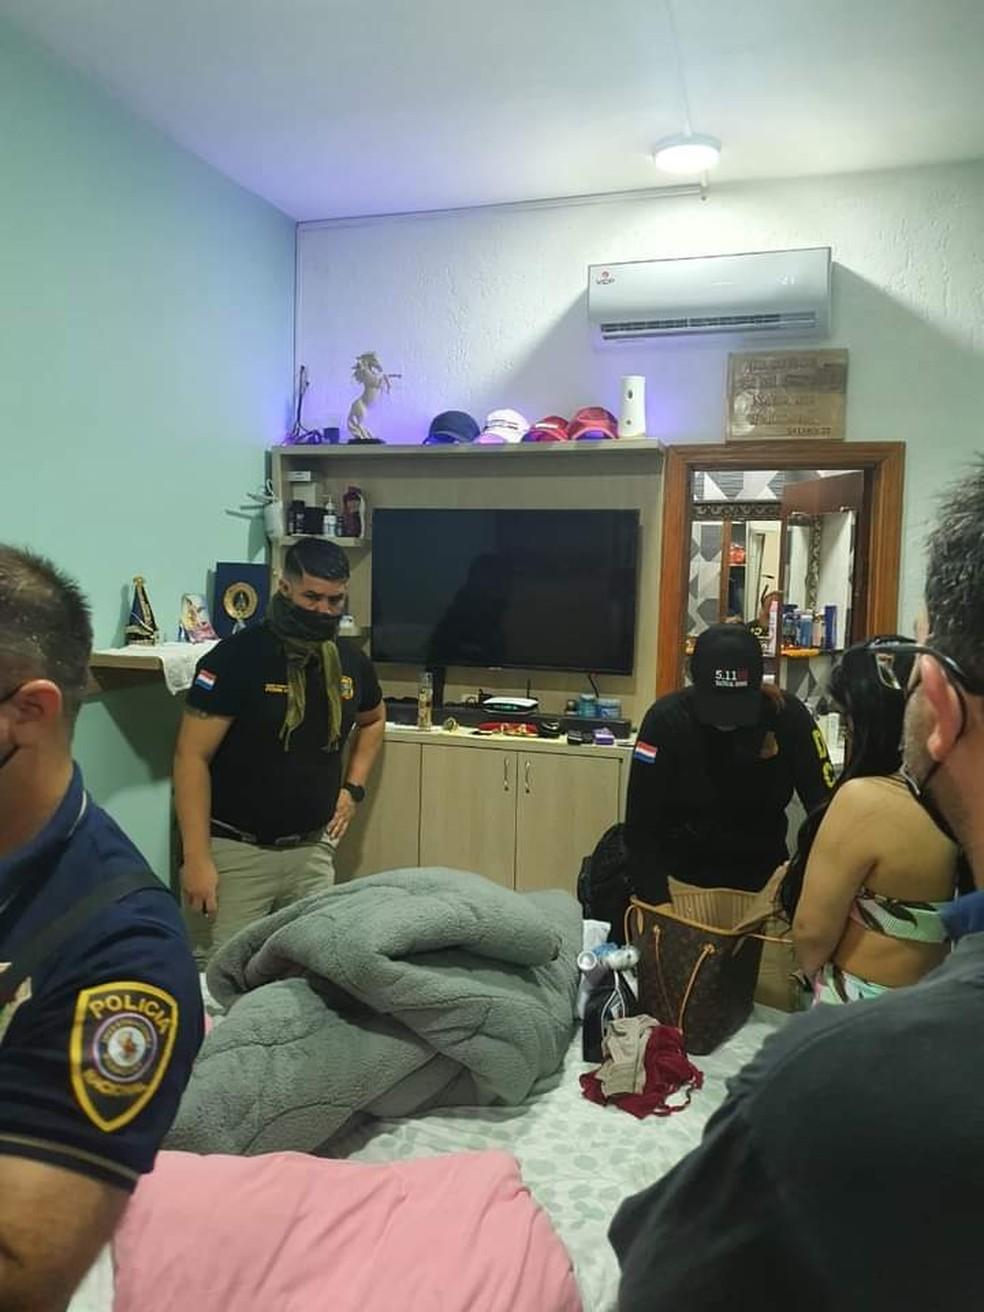 Cela tinha televisão e até ar-condicionado para presos. — Foto: Polícia Nacional